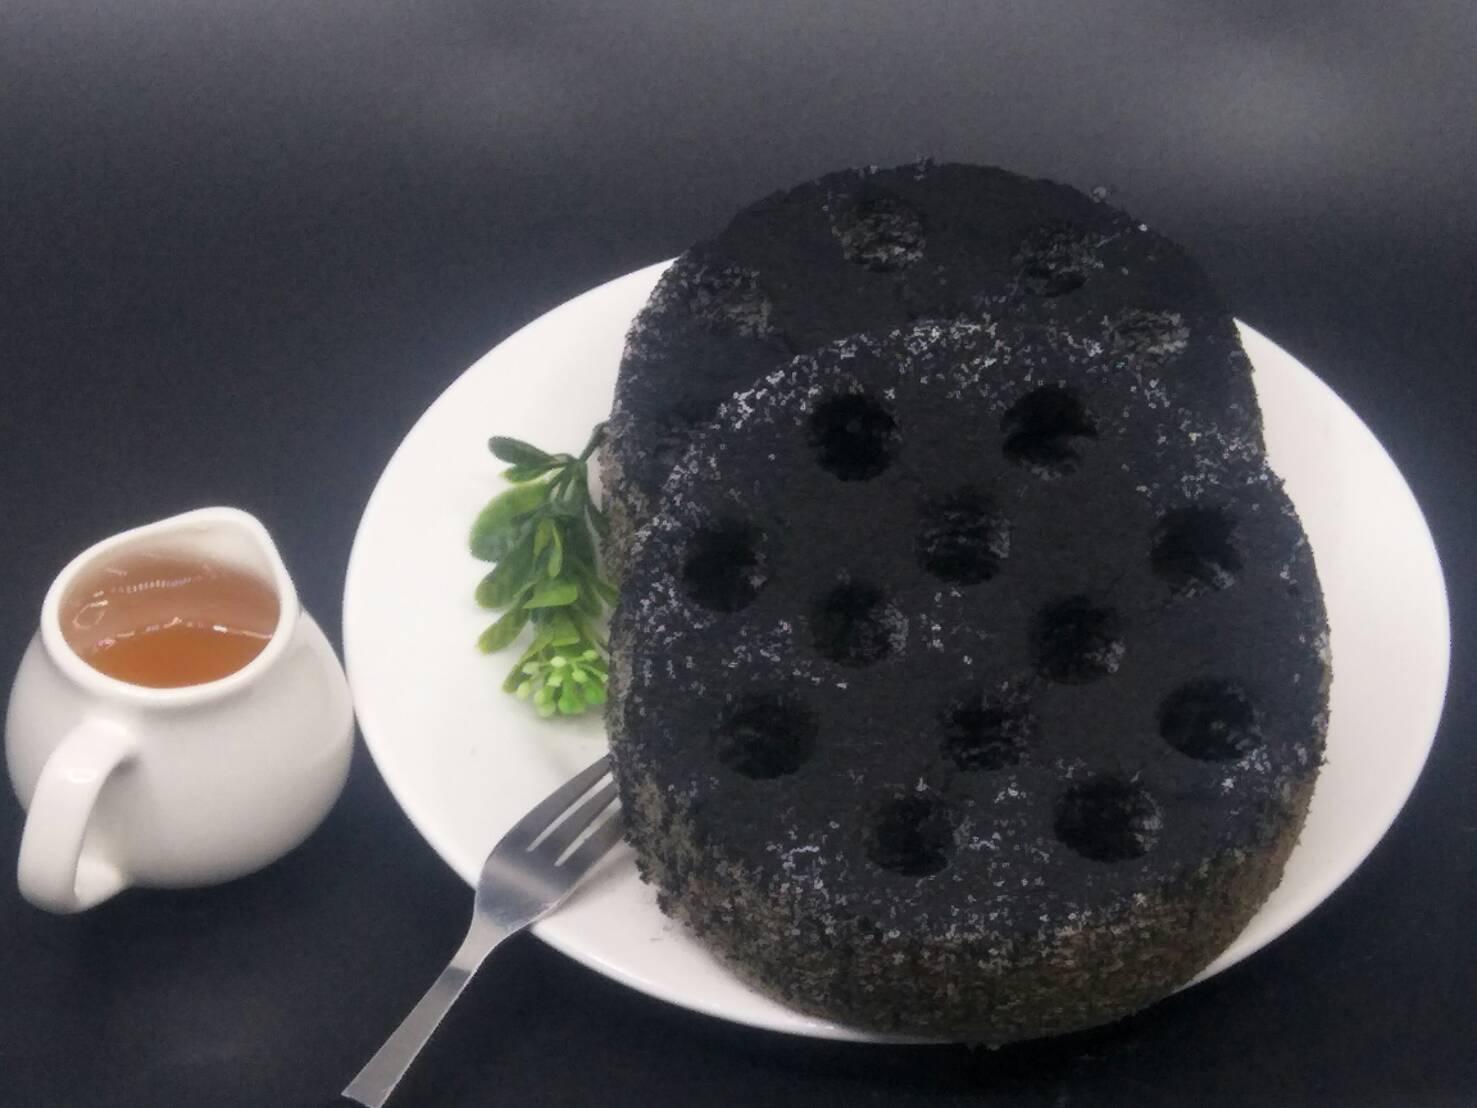 造型蜂窩煤蛋糕(芝麻口味) 4吋